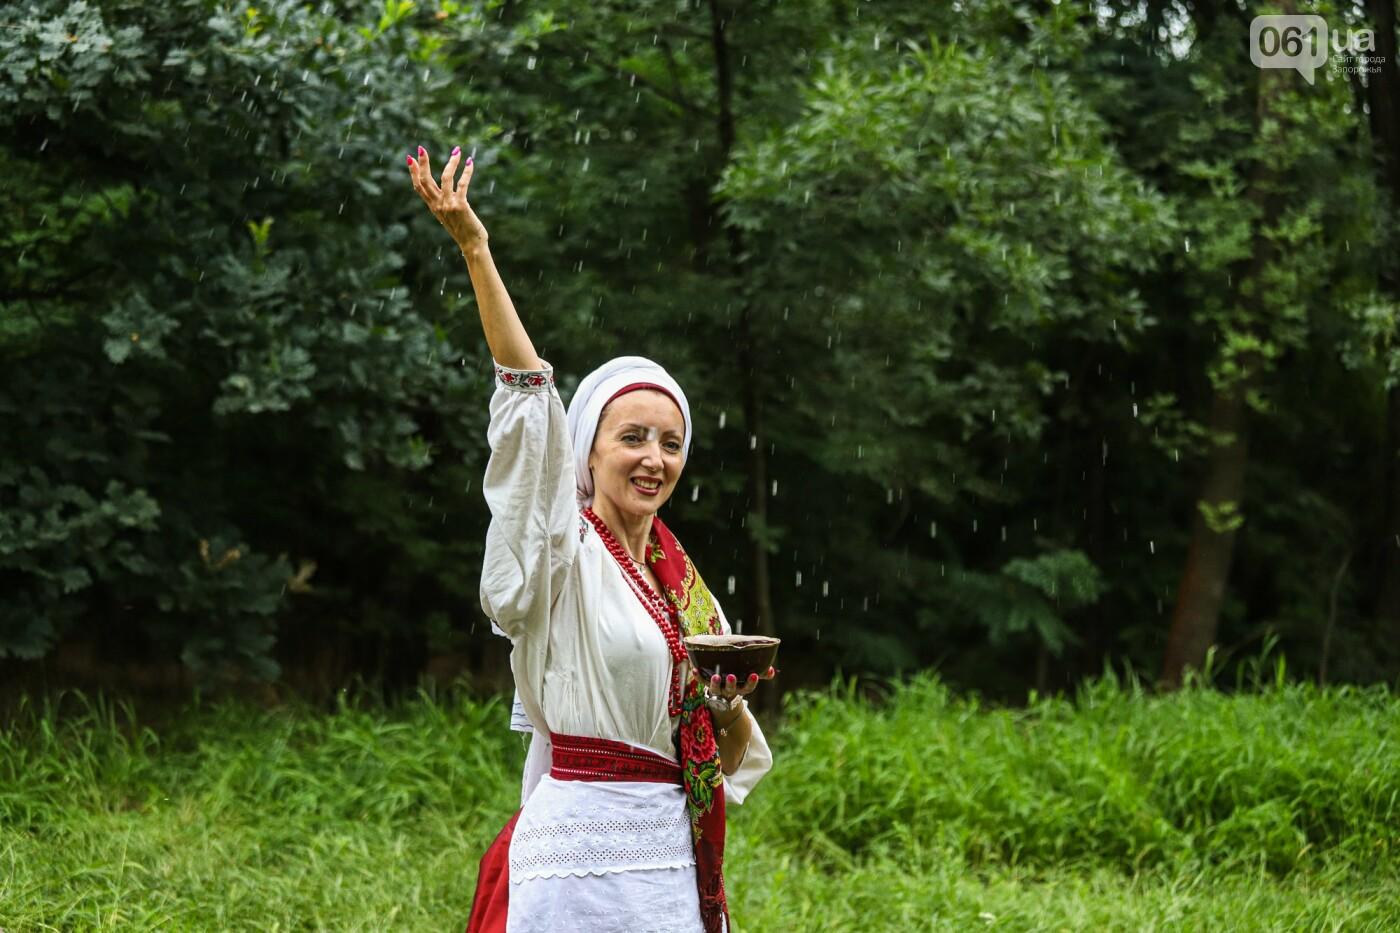 Огонь и дубовые венки: как на Хортице отметили праздник Перуна, - ФОТОРЕПОРТАЖ, фото-21